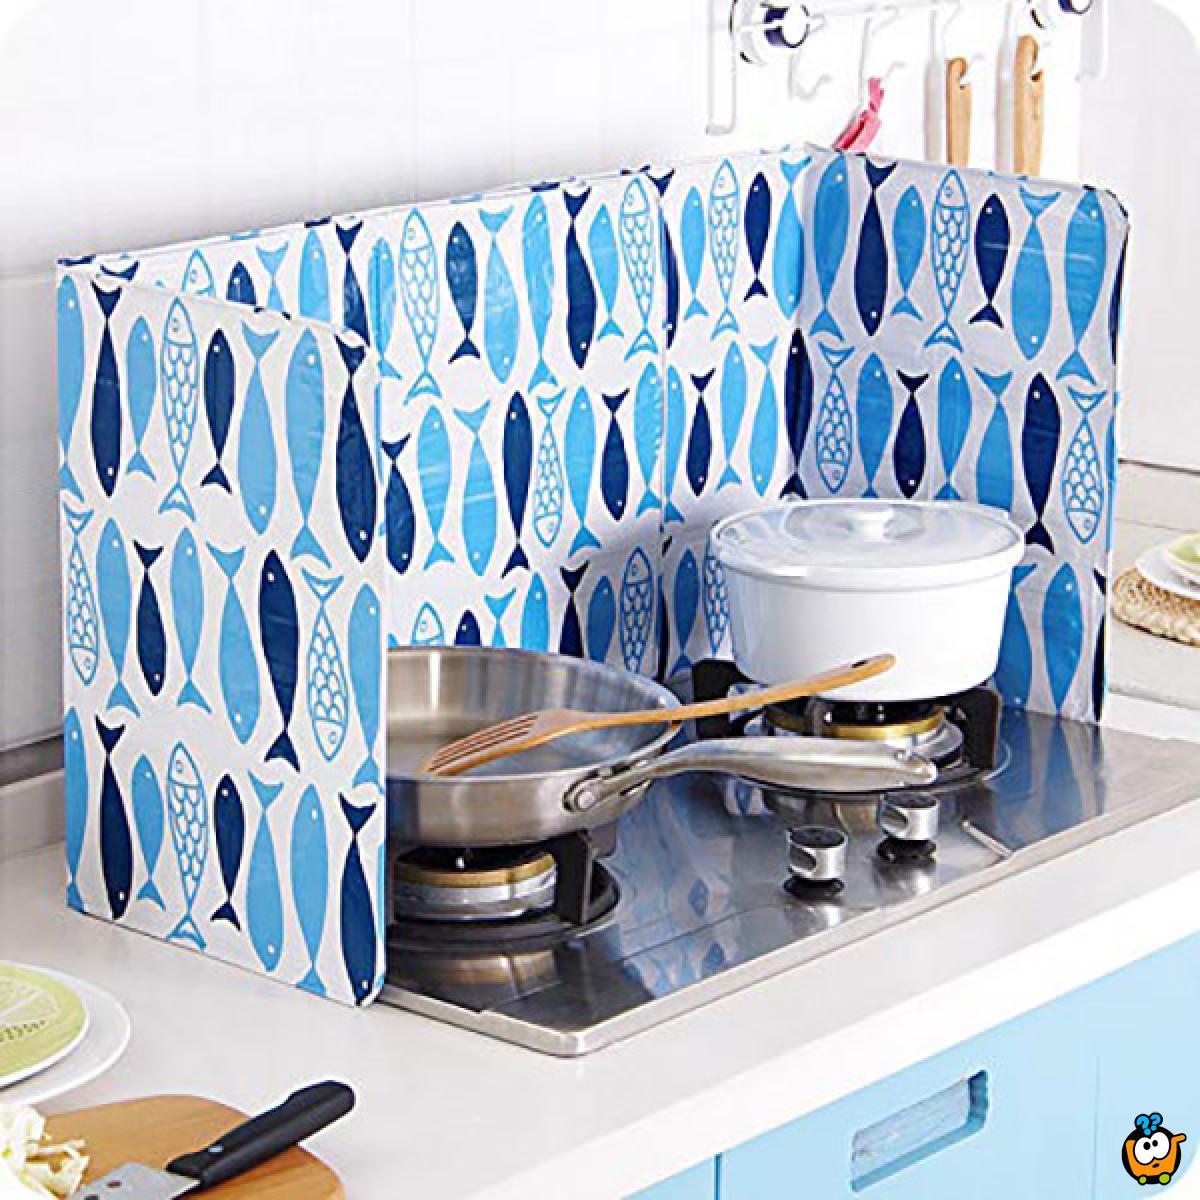 Praktična zaštita od prskanja ulja tokom kuvanja